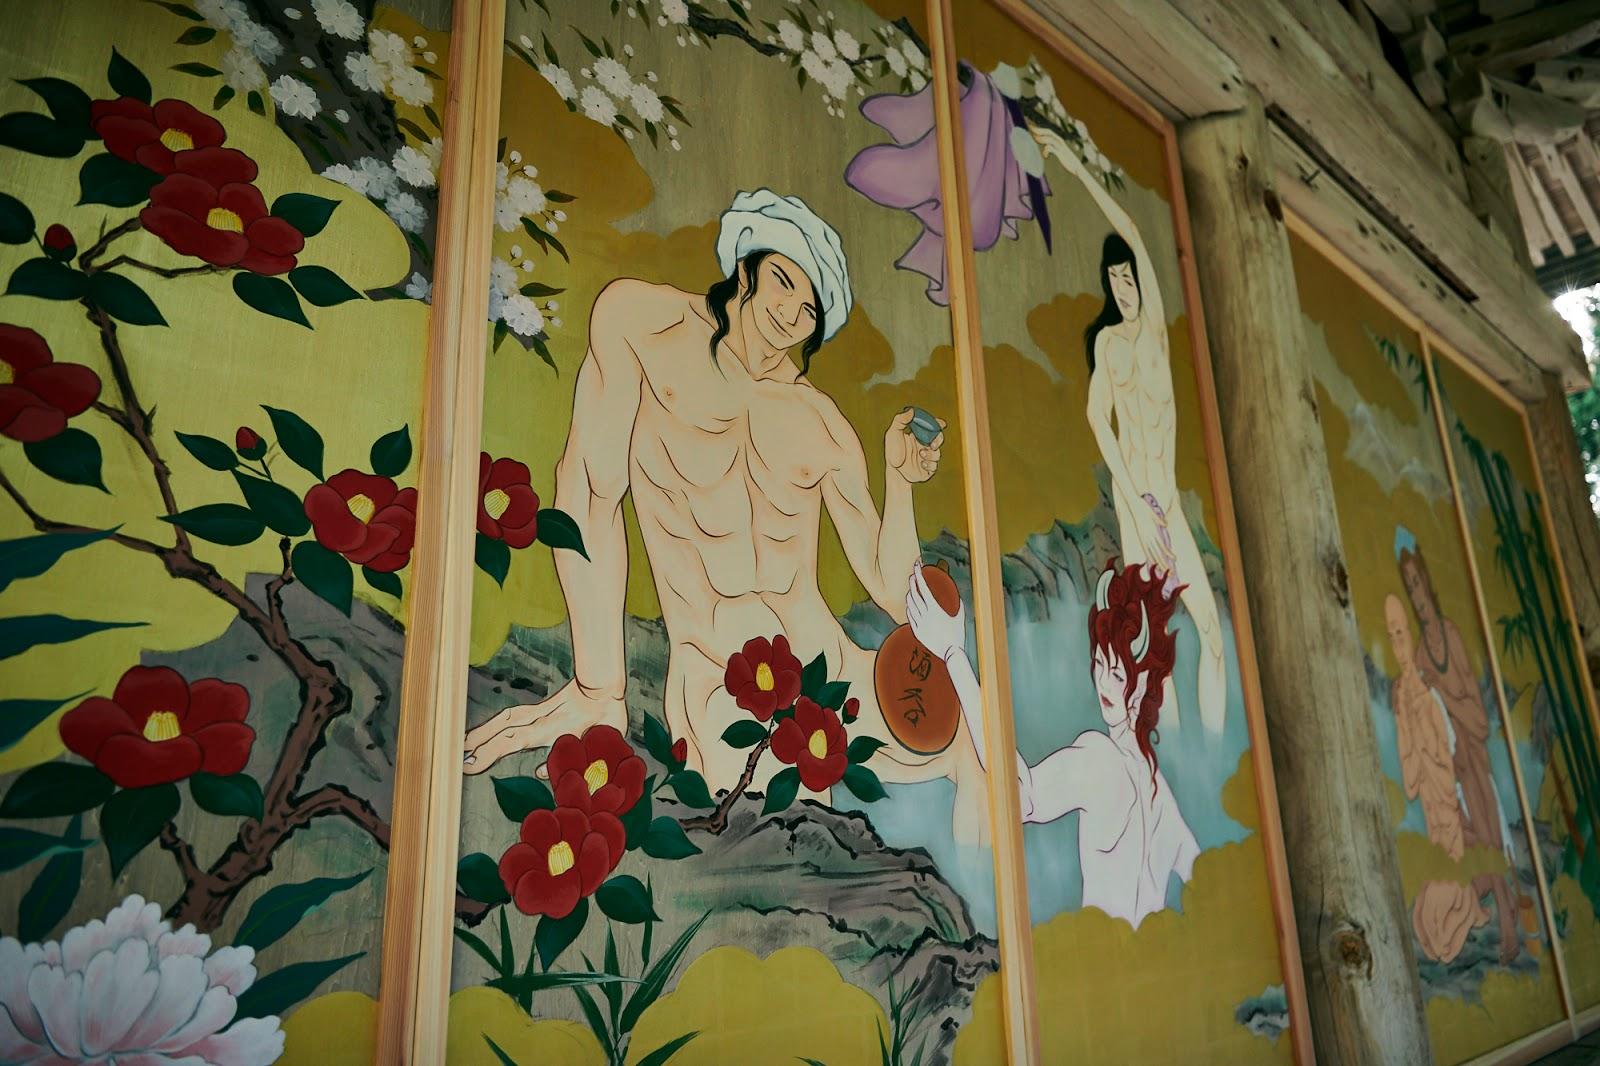 噴鼻血性感偉人,國上寺本堂牆壁覆蓋帥哥官能繪卷 - 好玩吧